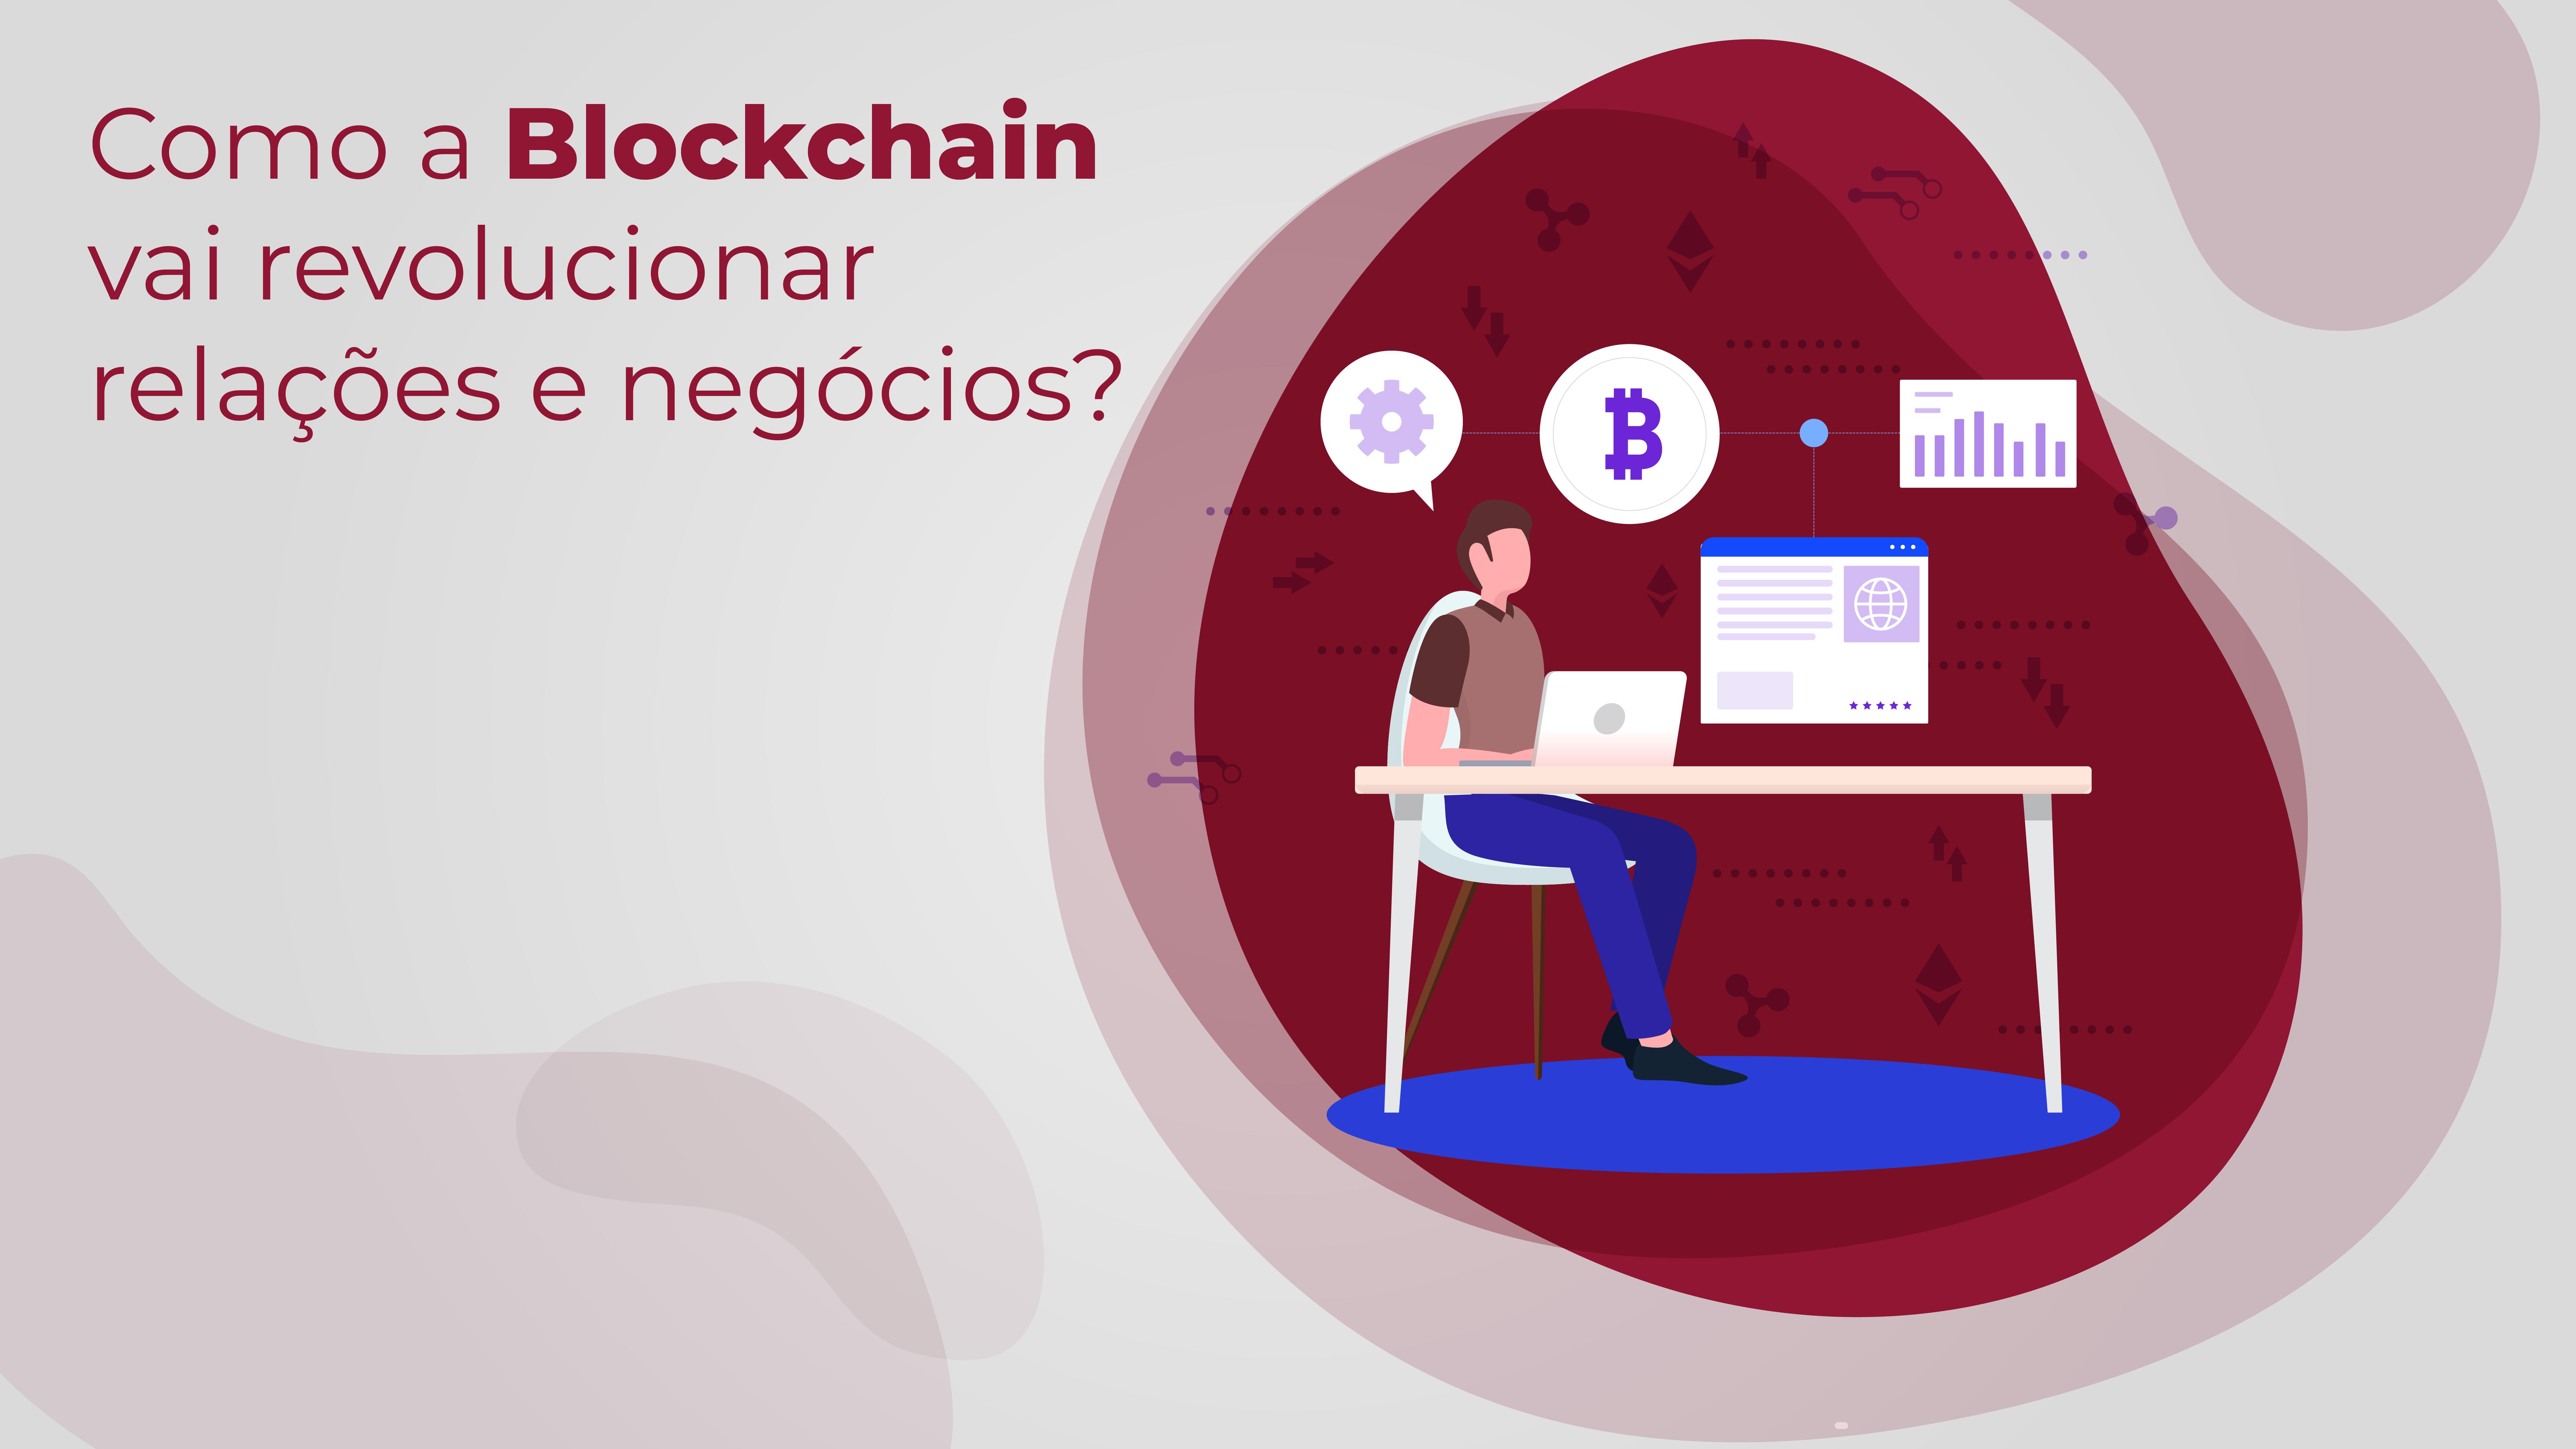 Como a Blockchain vai revolucionar relações e negócios?